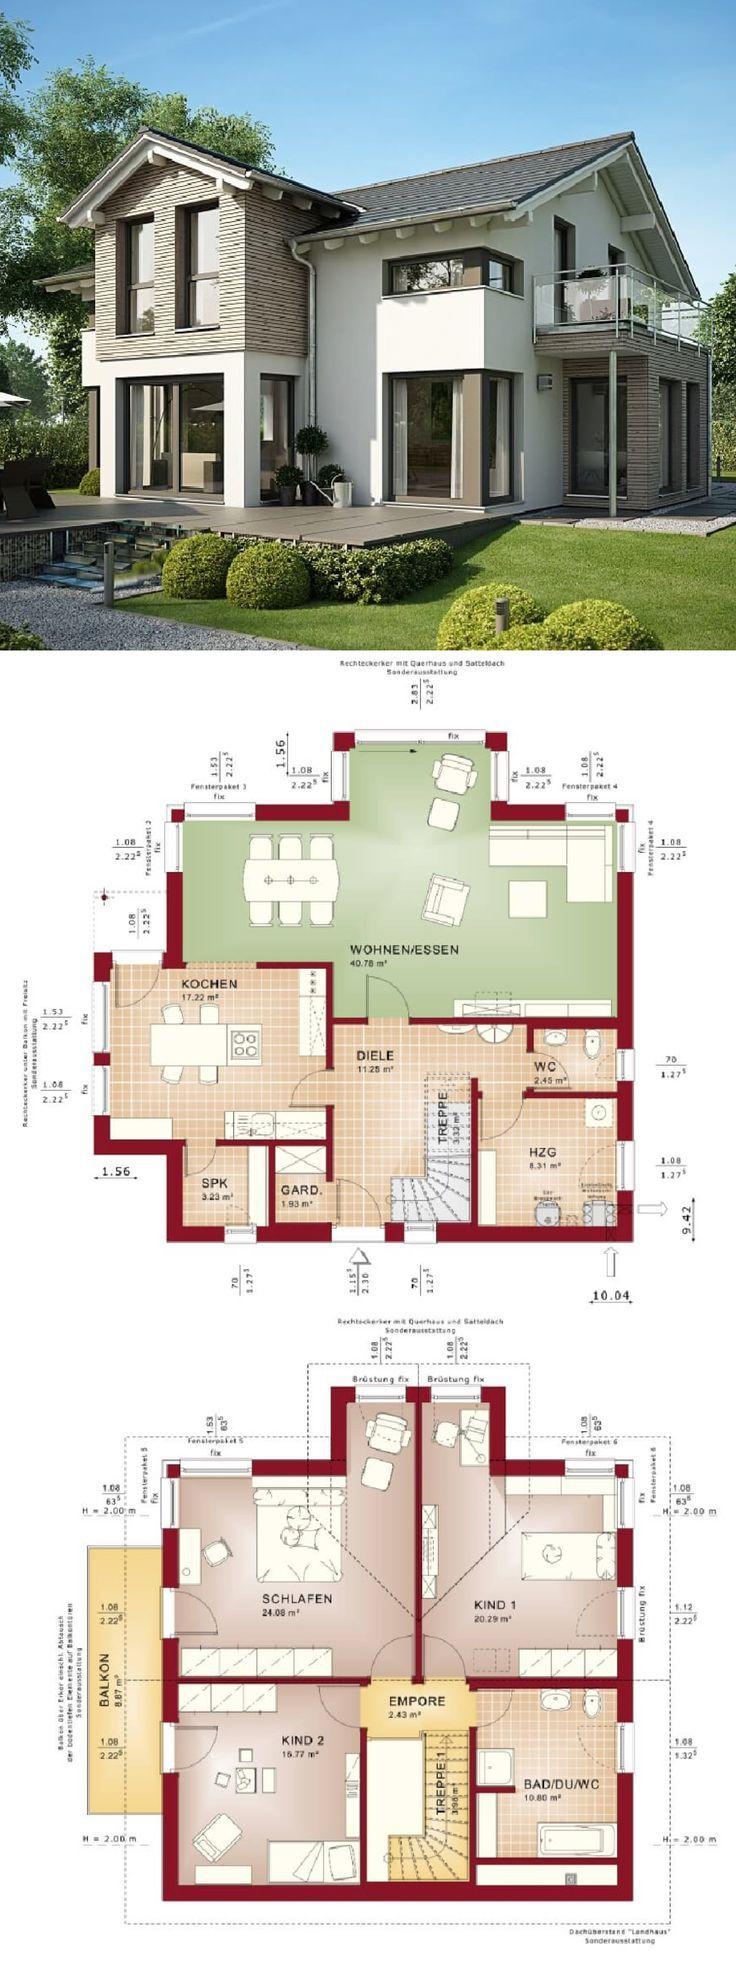 Modernes Einfamilienhaus mit Satteldach Architektur, Querhaus & Holz / Putz Fass